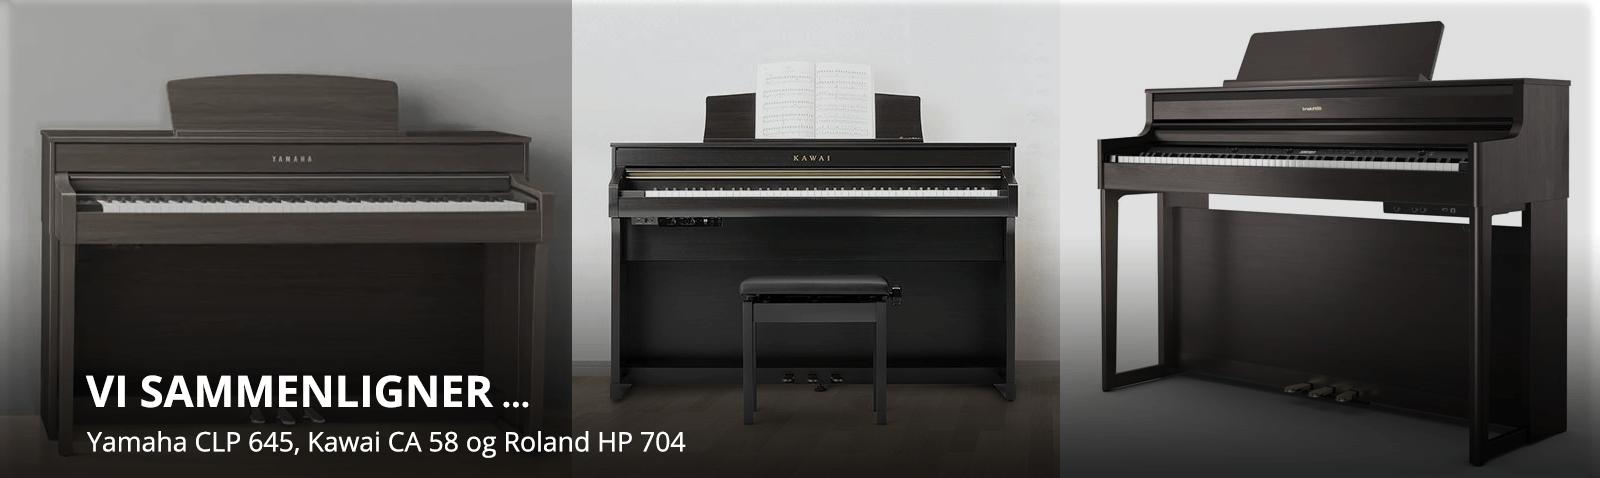 Vi sammenligner CA 58, CLP 645 og HP 704